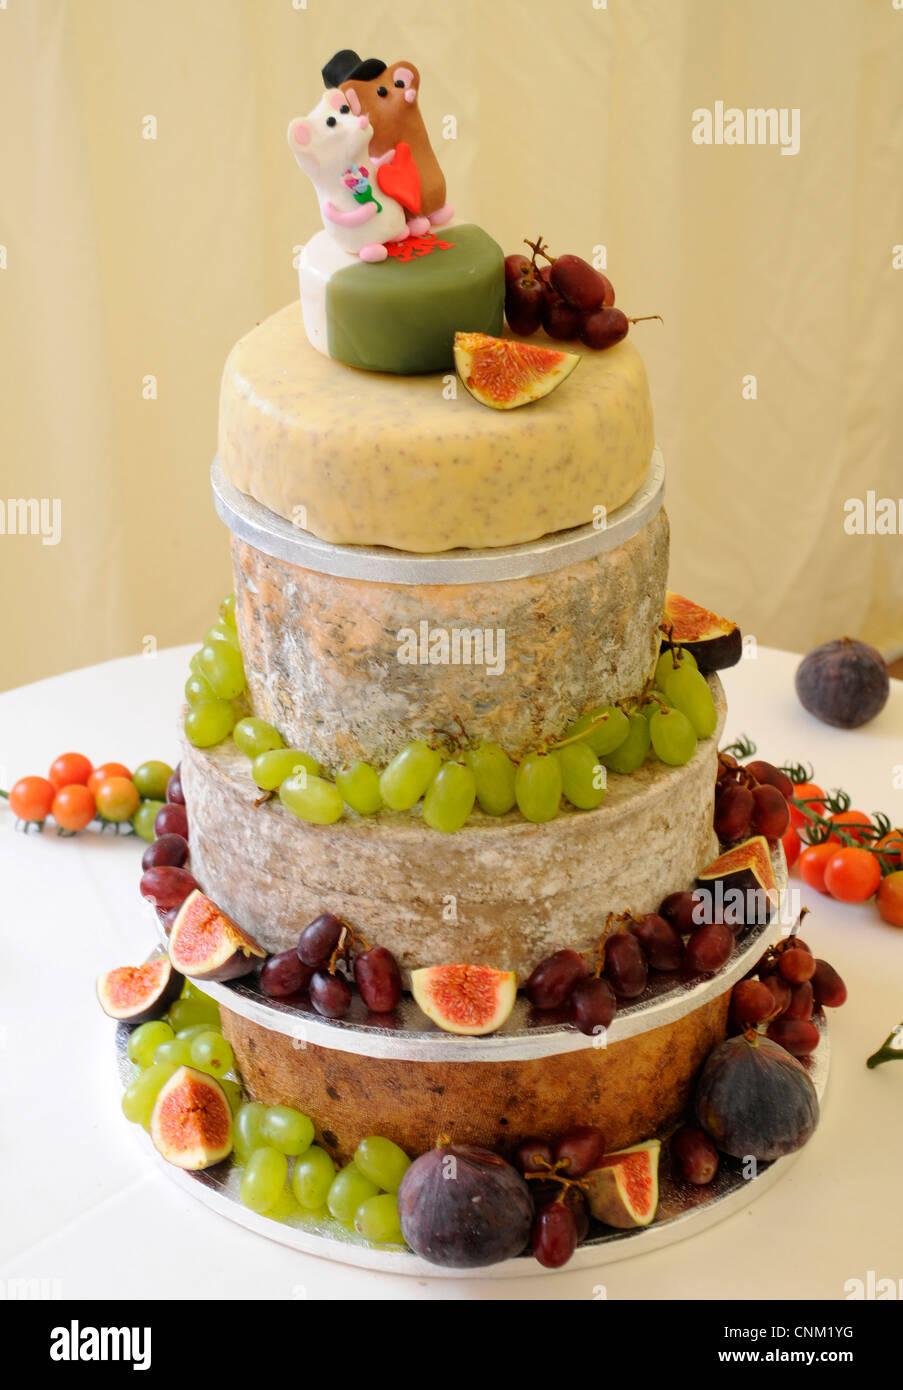 CHEESE CELEBRATION WEDDING CAKE Stock Photo: 47769108 - Alamy